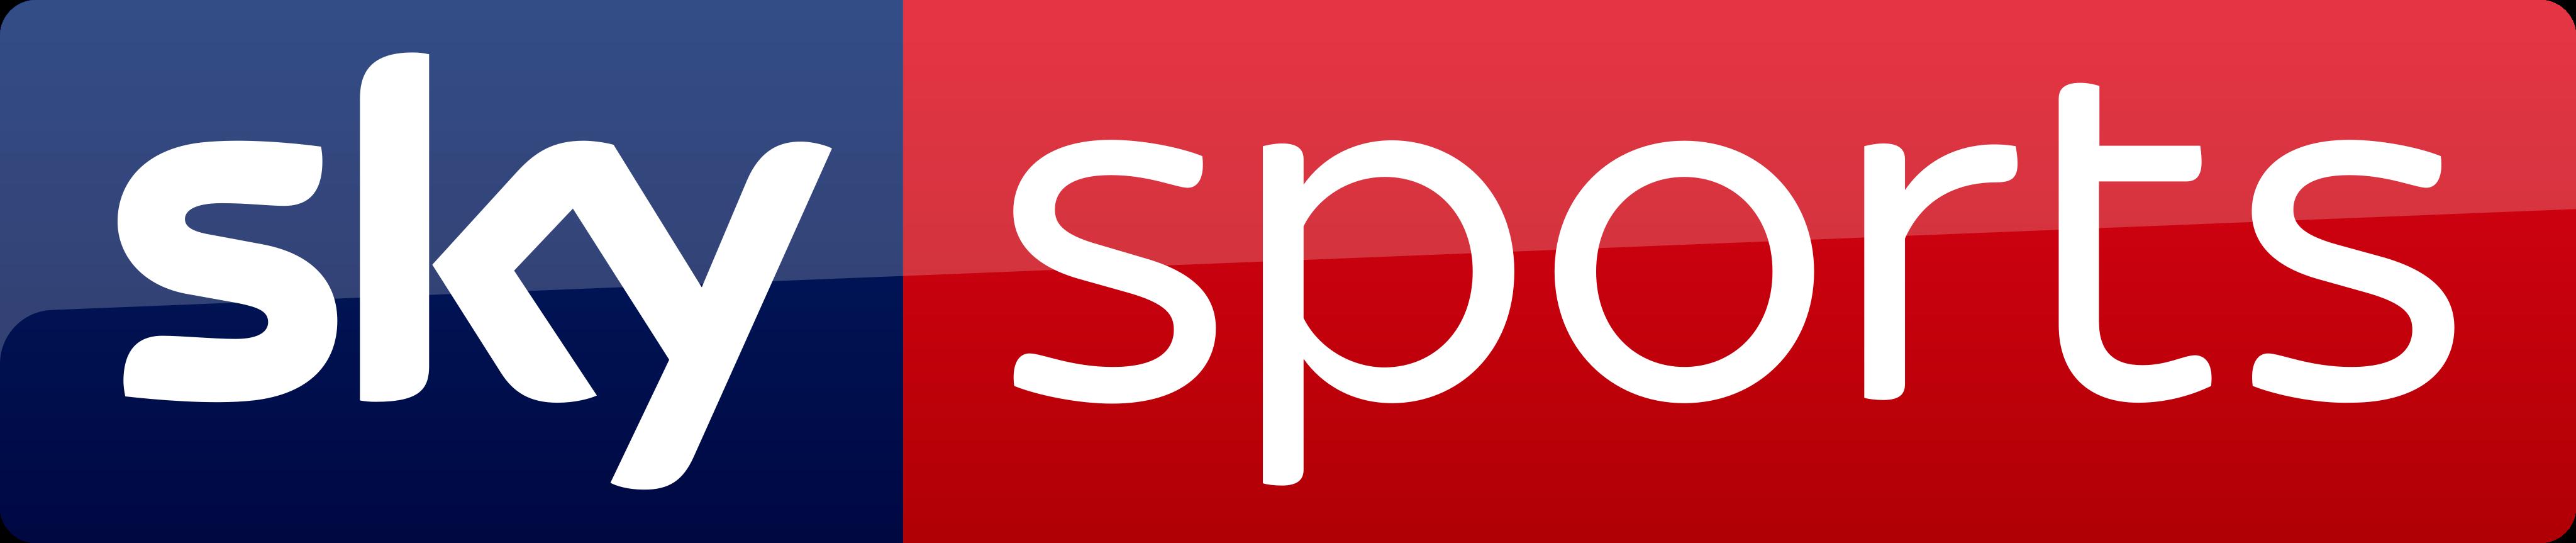 Sky Sports Logo.